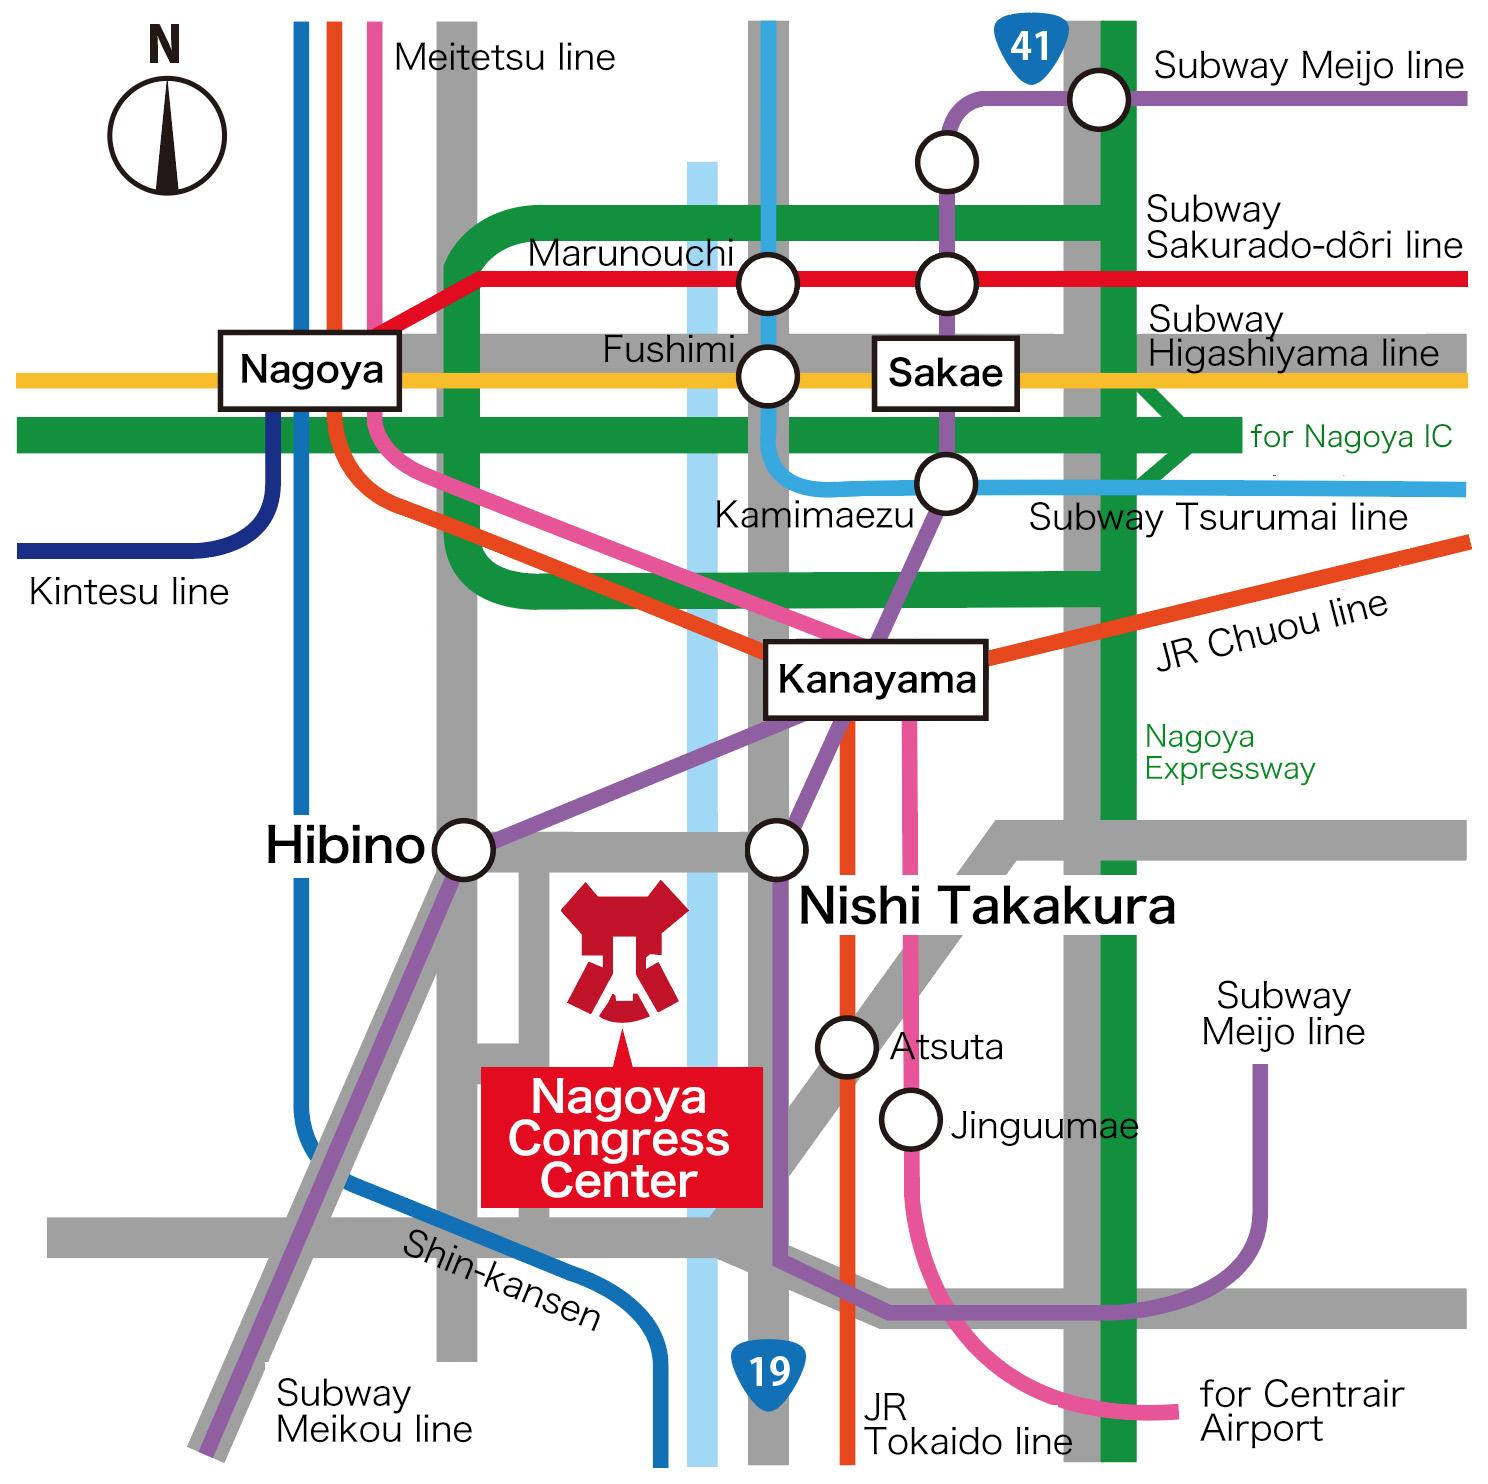 The 35th Audio Festa in Nagoya 2018